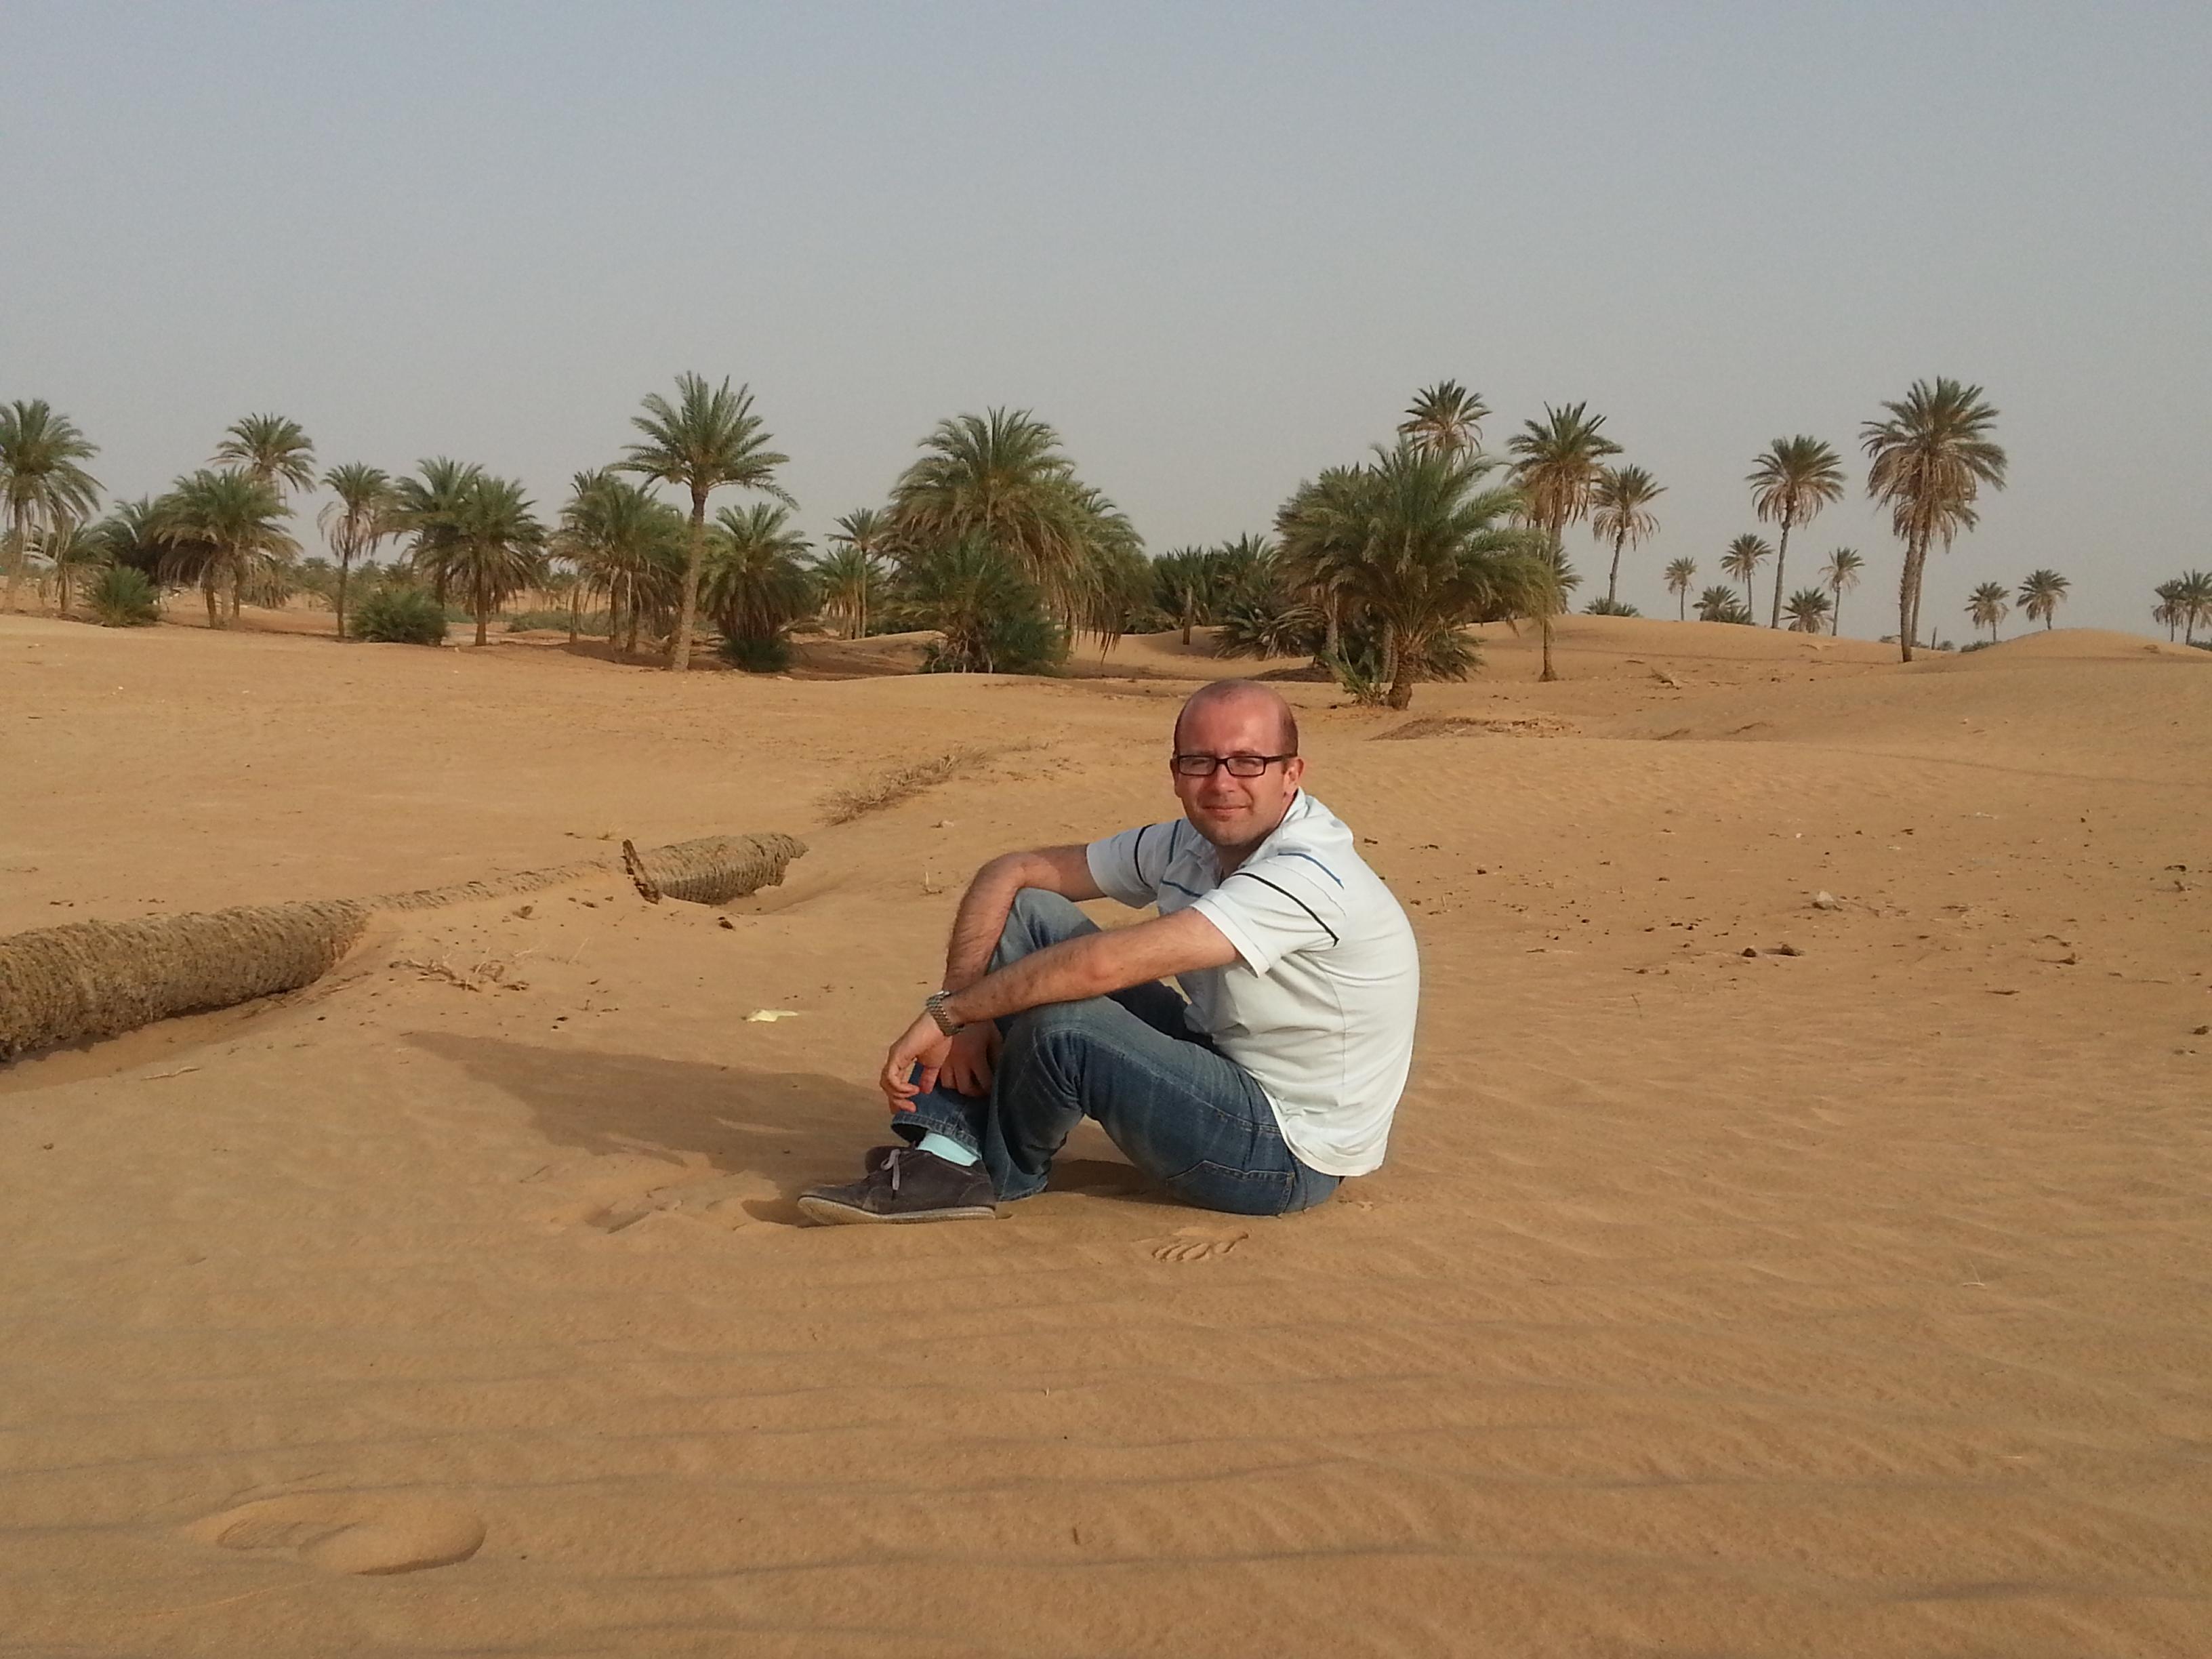 Out in the Sahara desert near Hun, 600km from Tripoli.